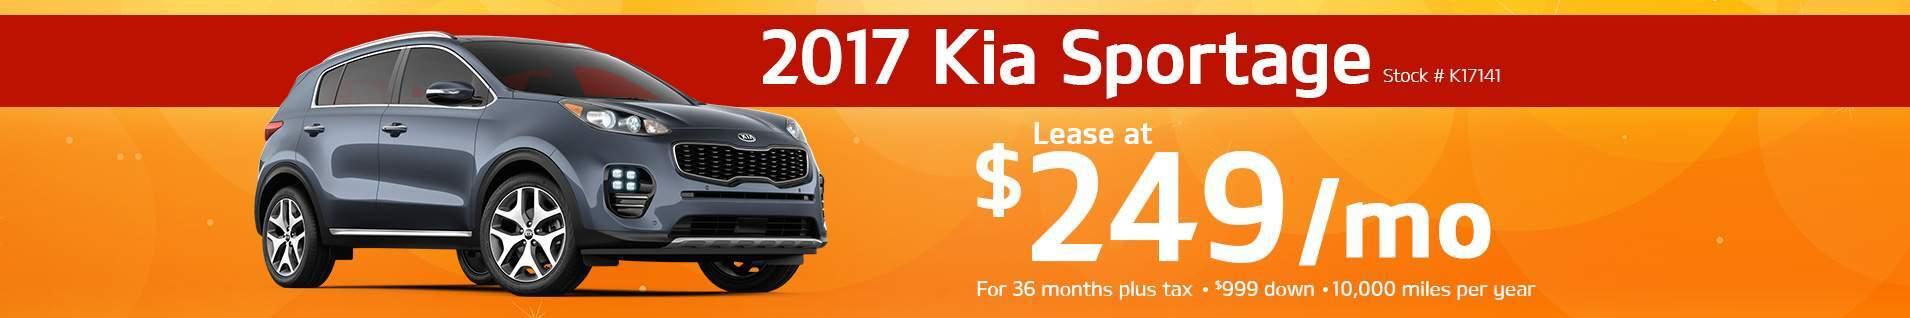 Kia sportage oil change coupons